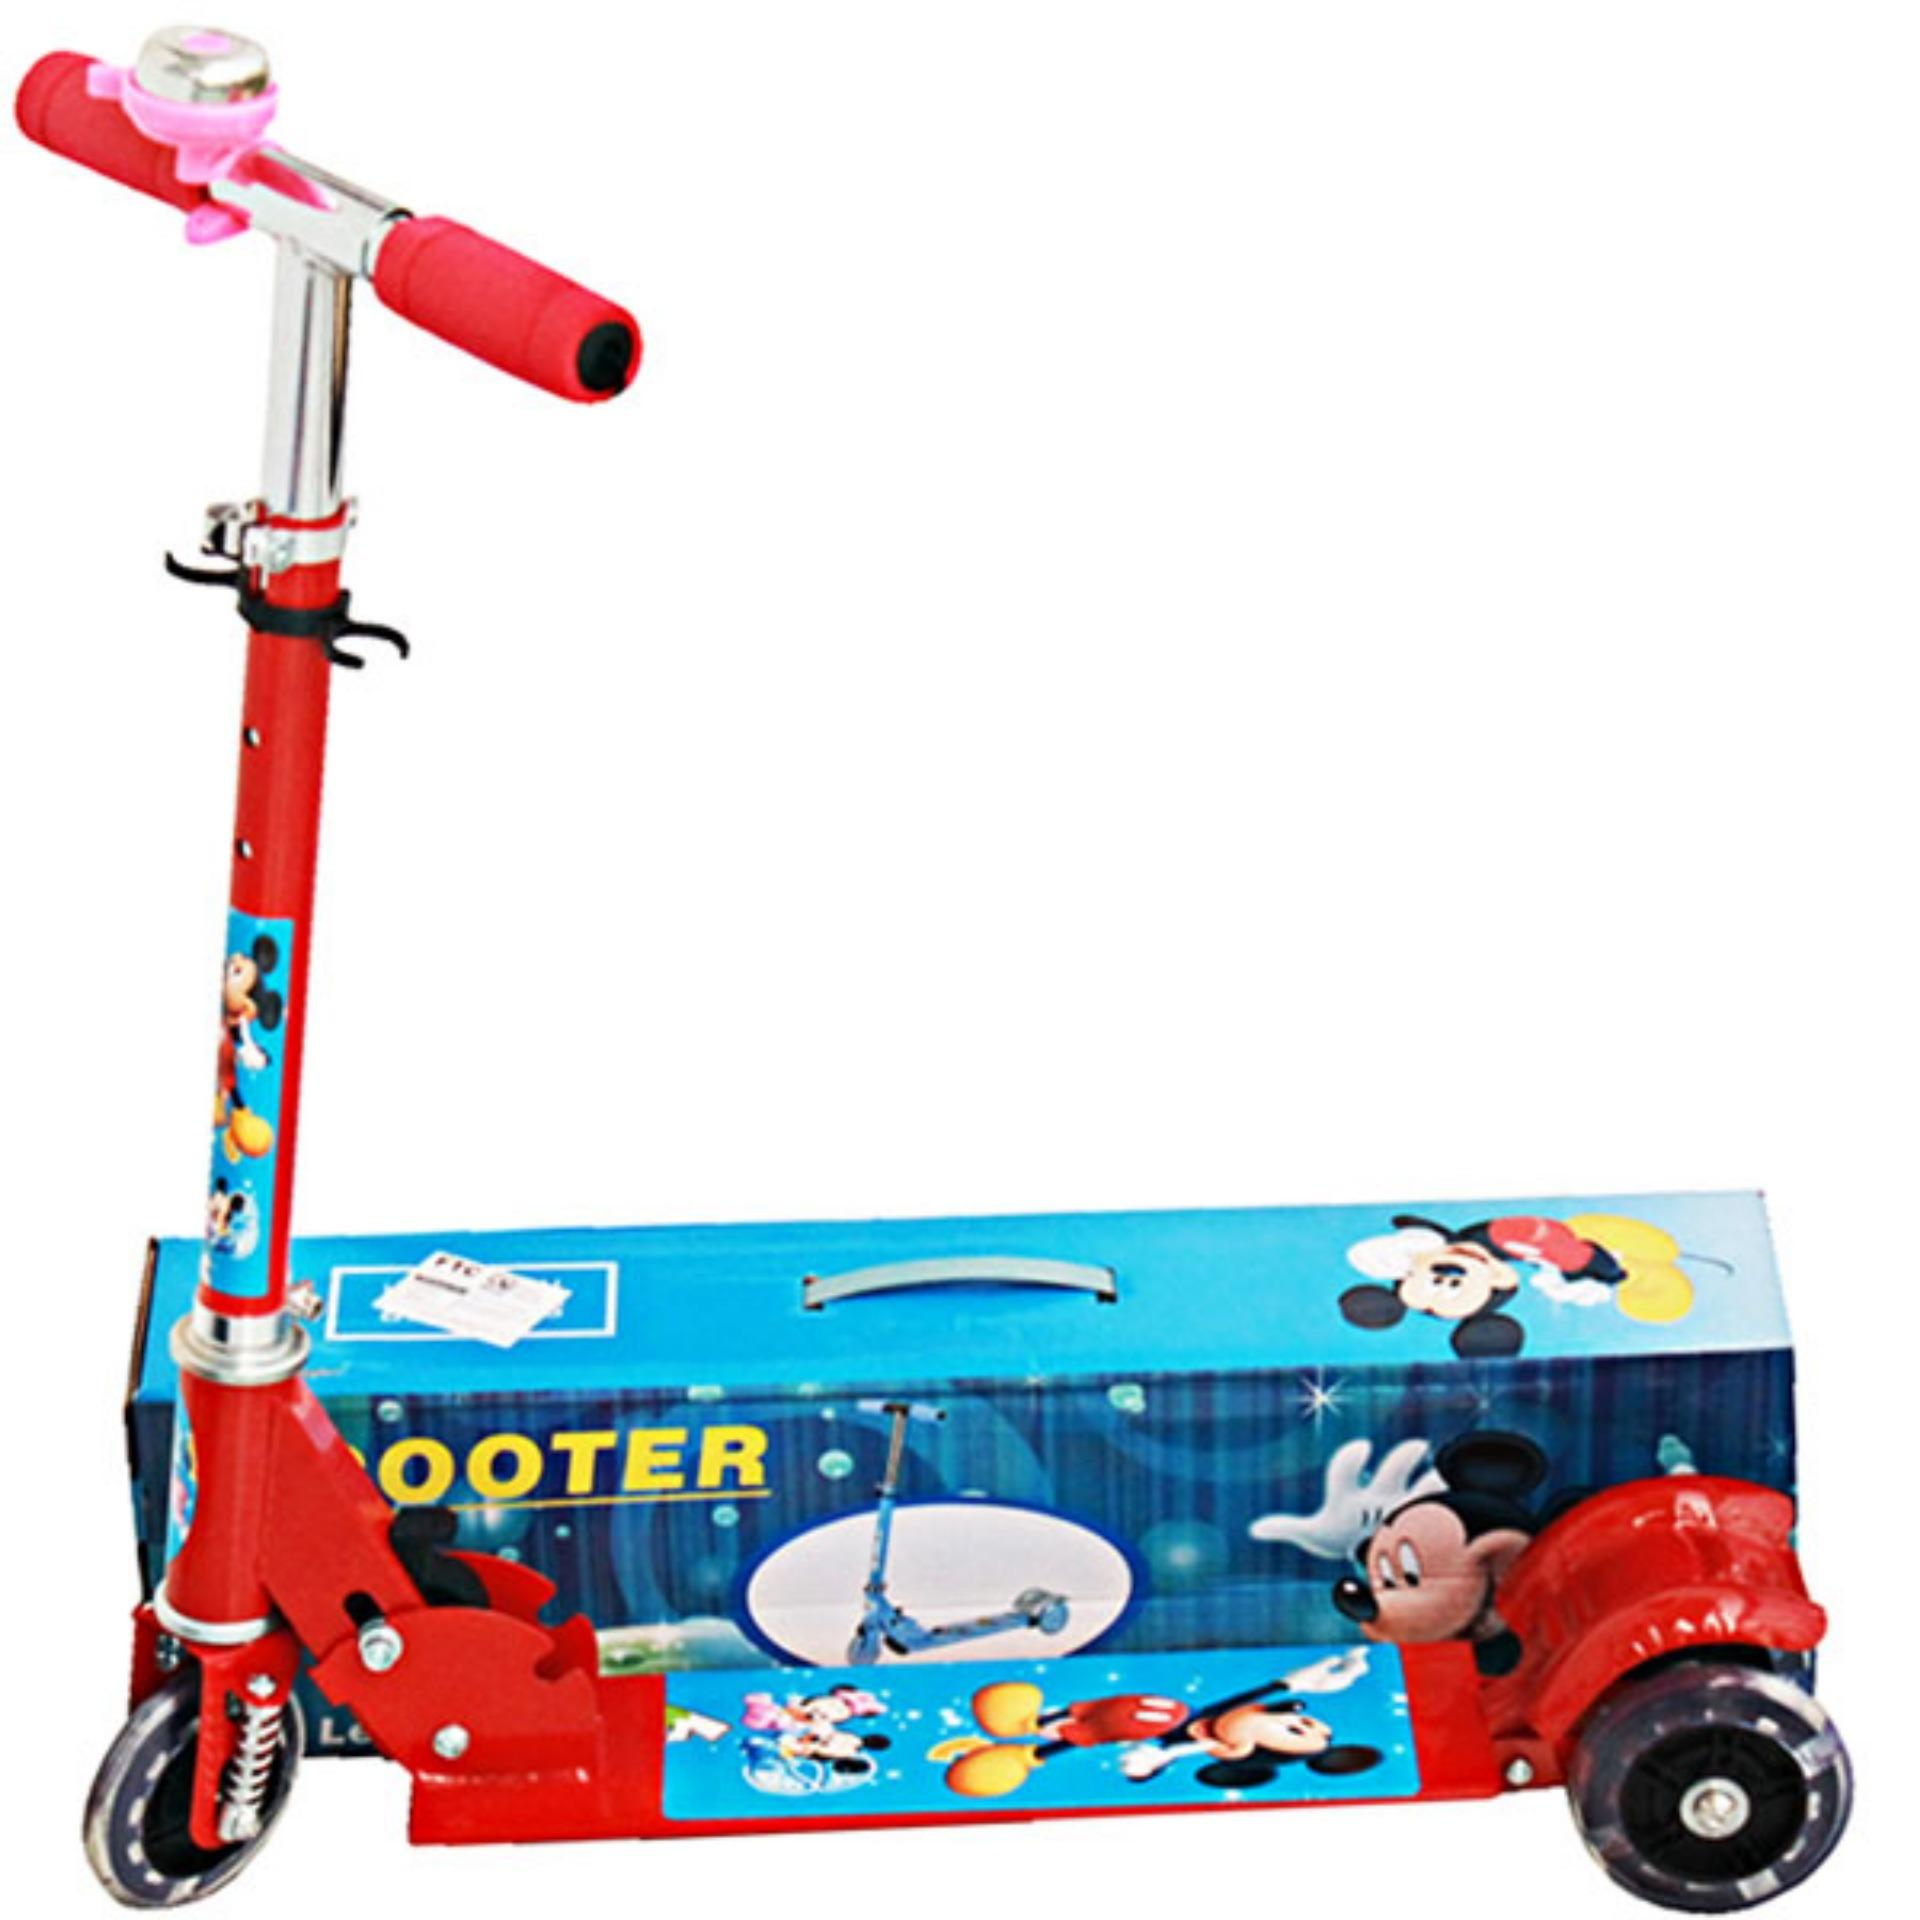 Mao Skuter Toys Story Daftar Update Harga Terbaru Indonesia Barbie Jual Mainan Produk Series Source Wikiharga